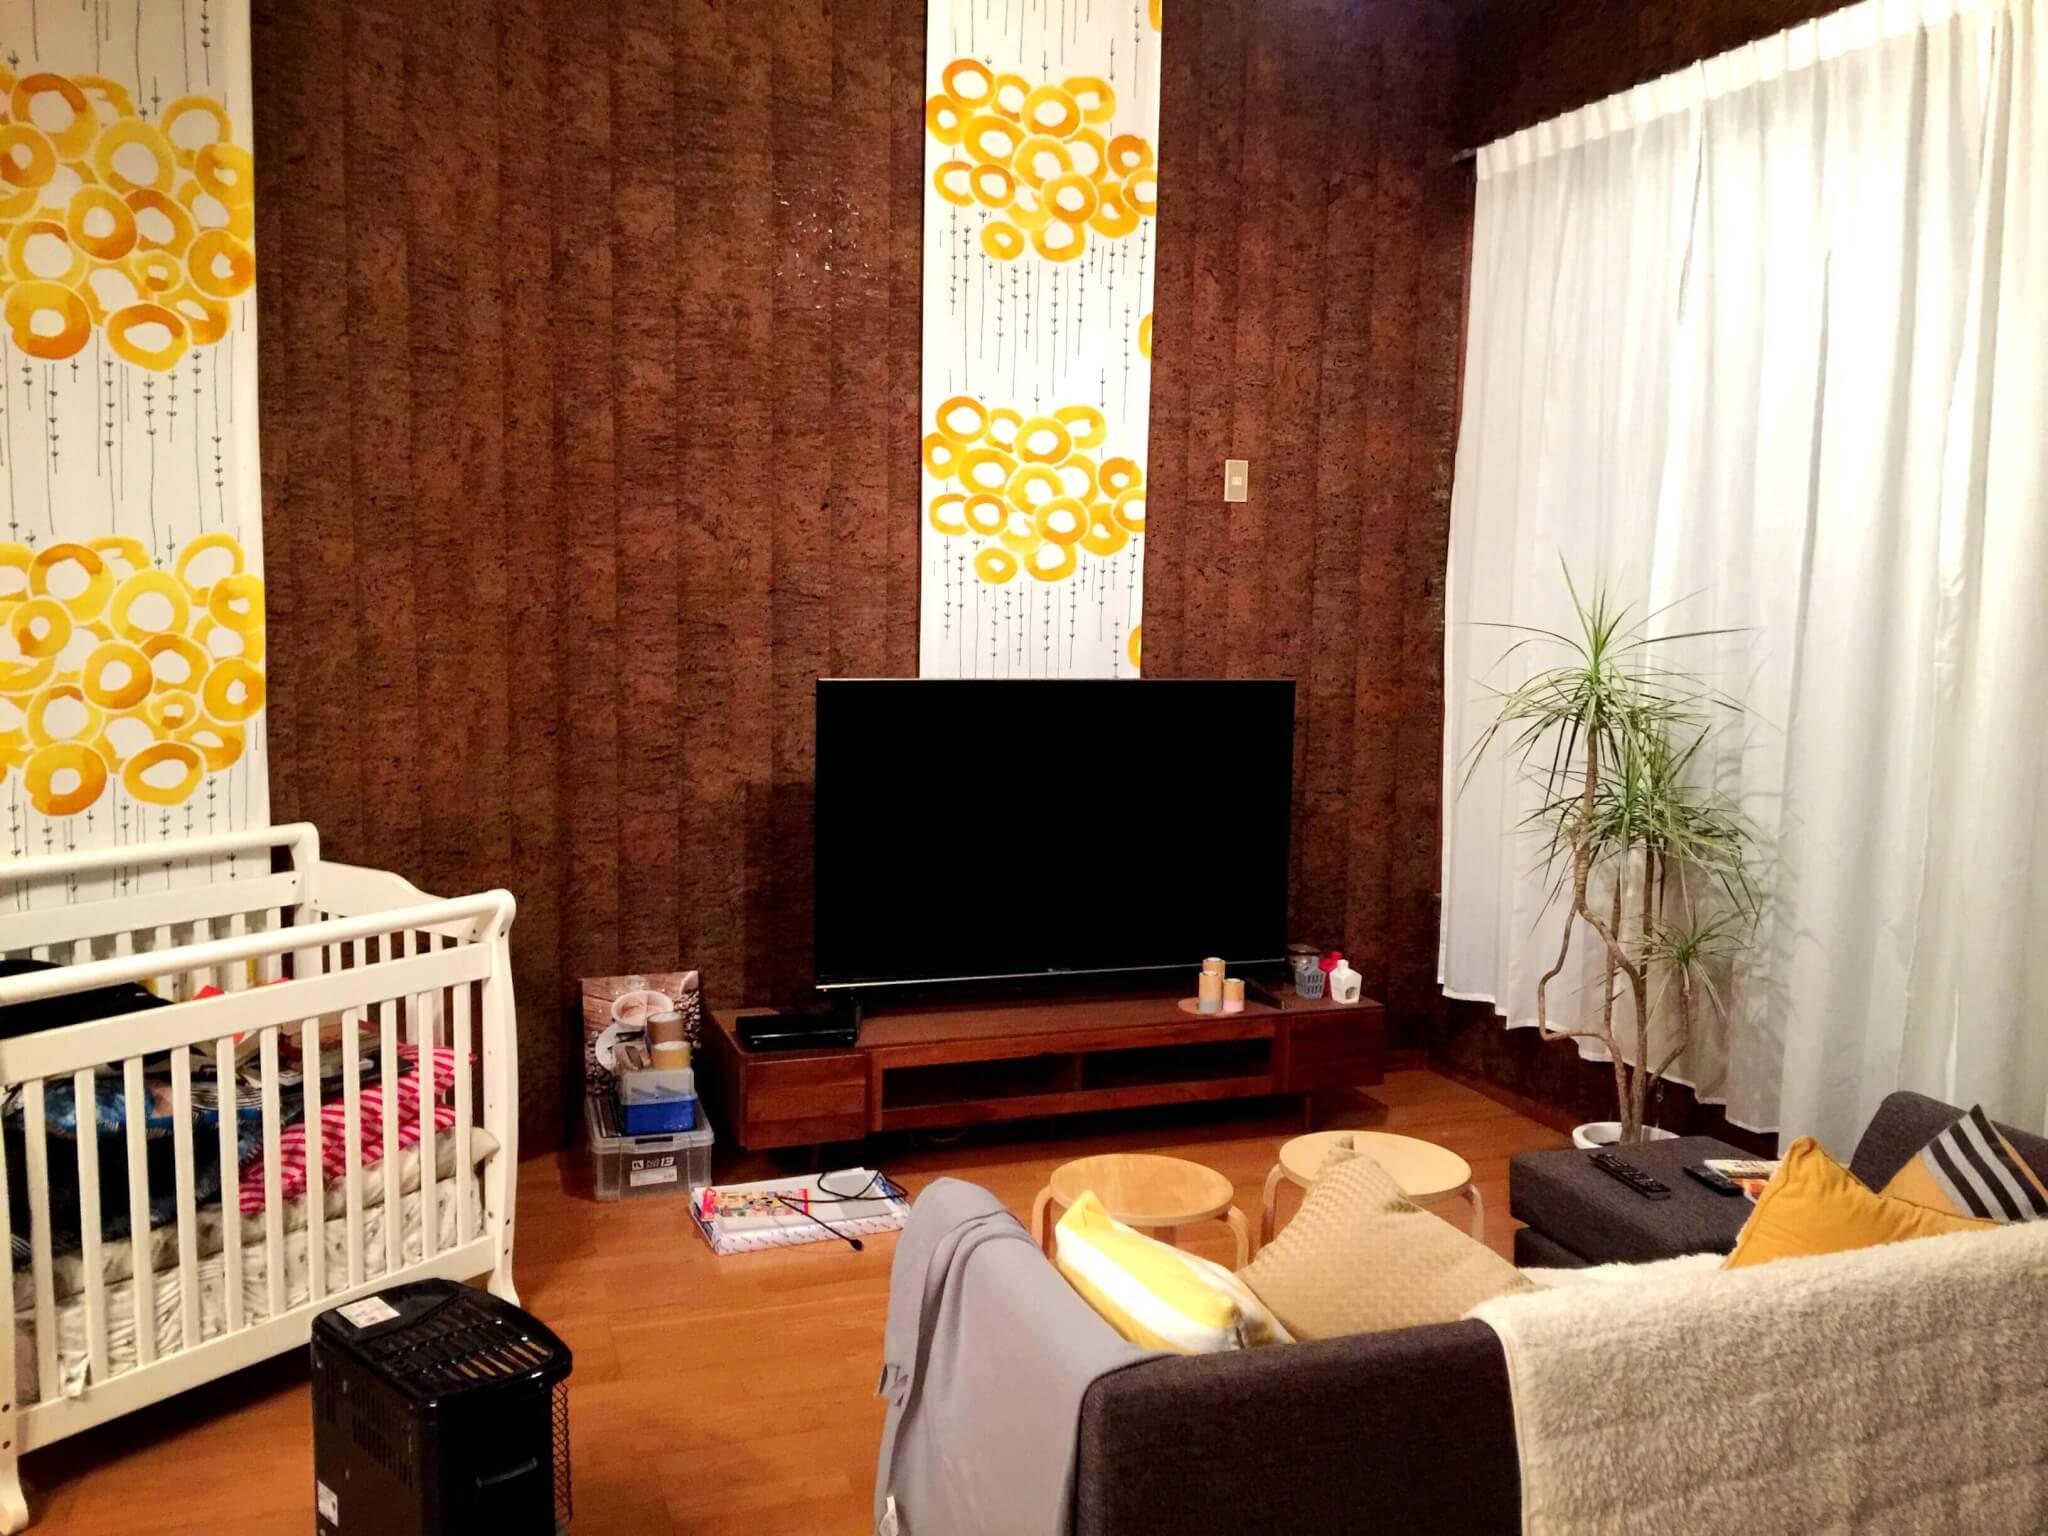 ゲストハウス・keramiek ARITA(ケラミックアリタ)の内装